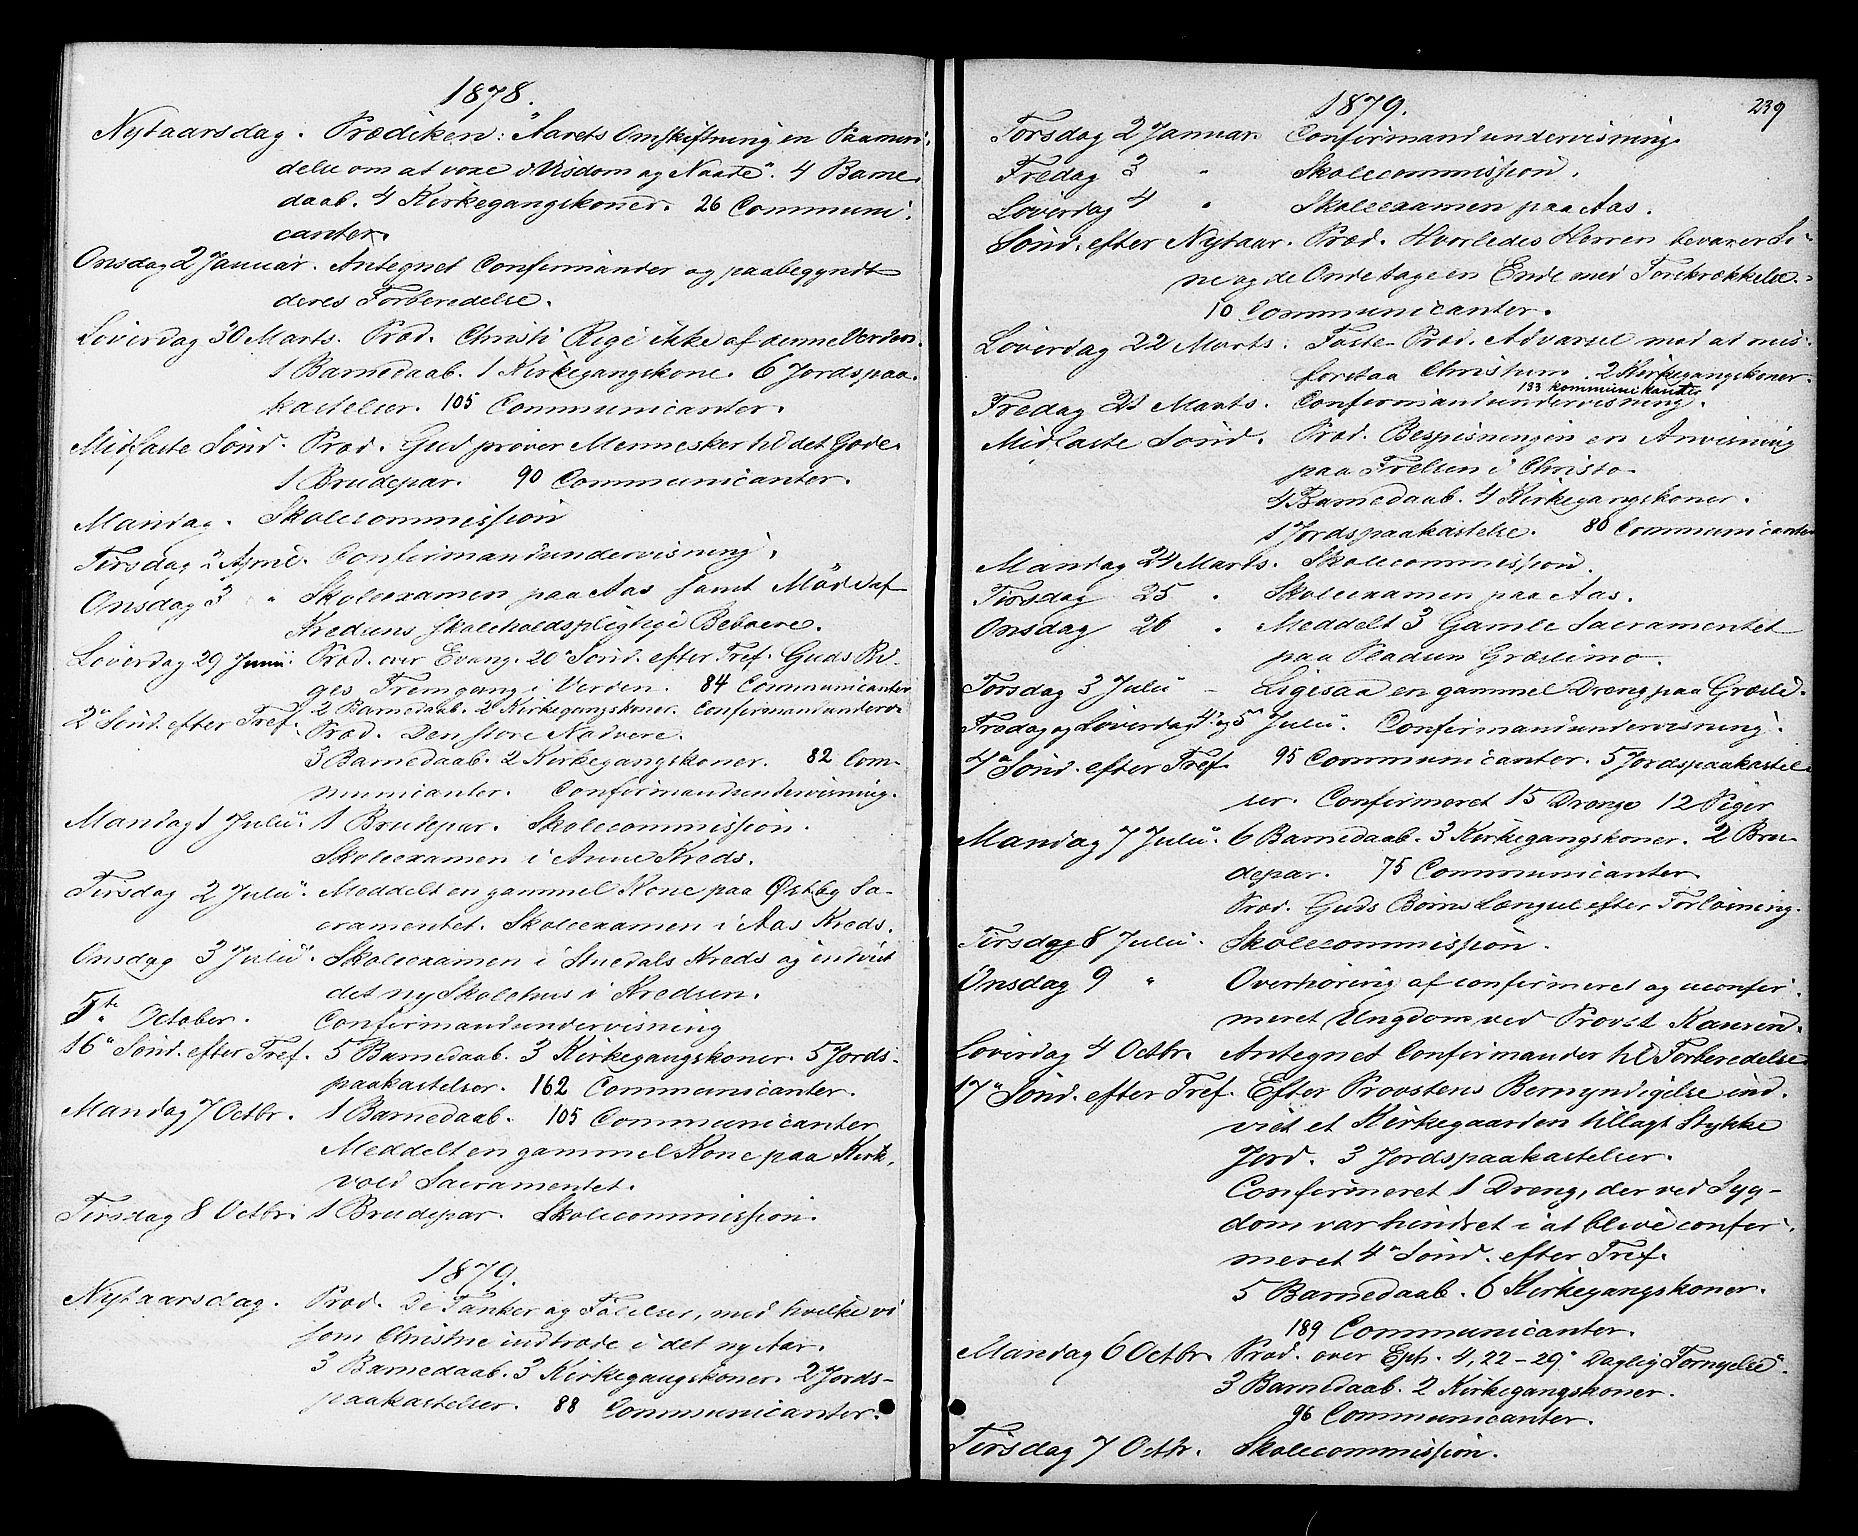 SAT, Ministerialprotokoller, klokkerbøker og fødselsregistre - Sør-Trøndelag, 698/L1163: Ministerialbok nr. 698A01, 1862-1887, s. 239